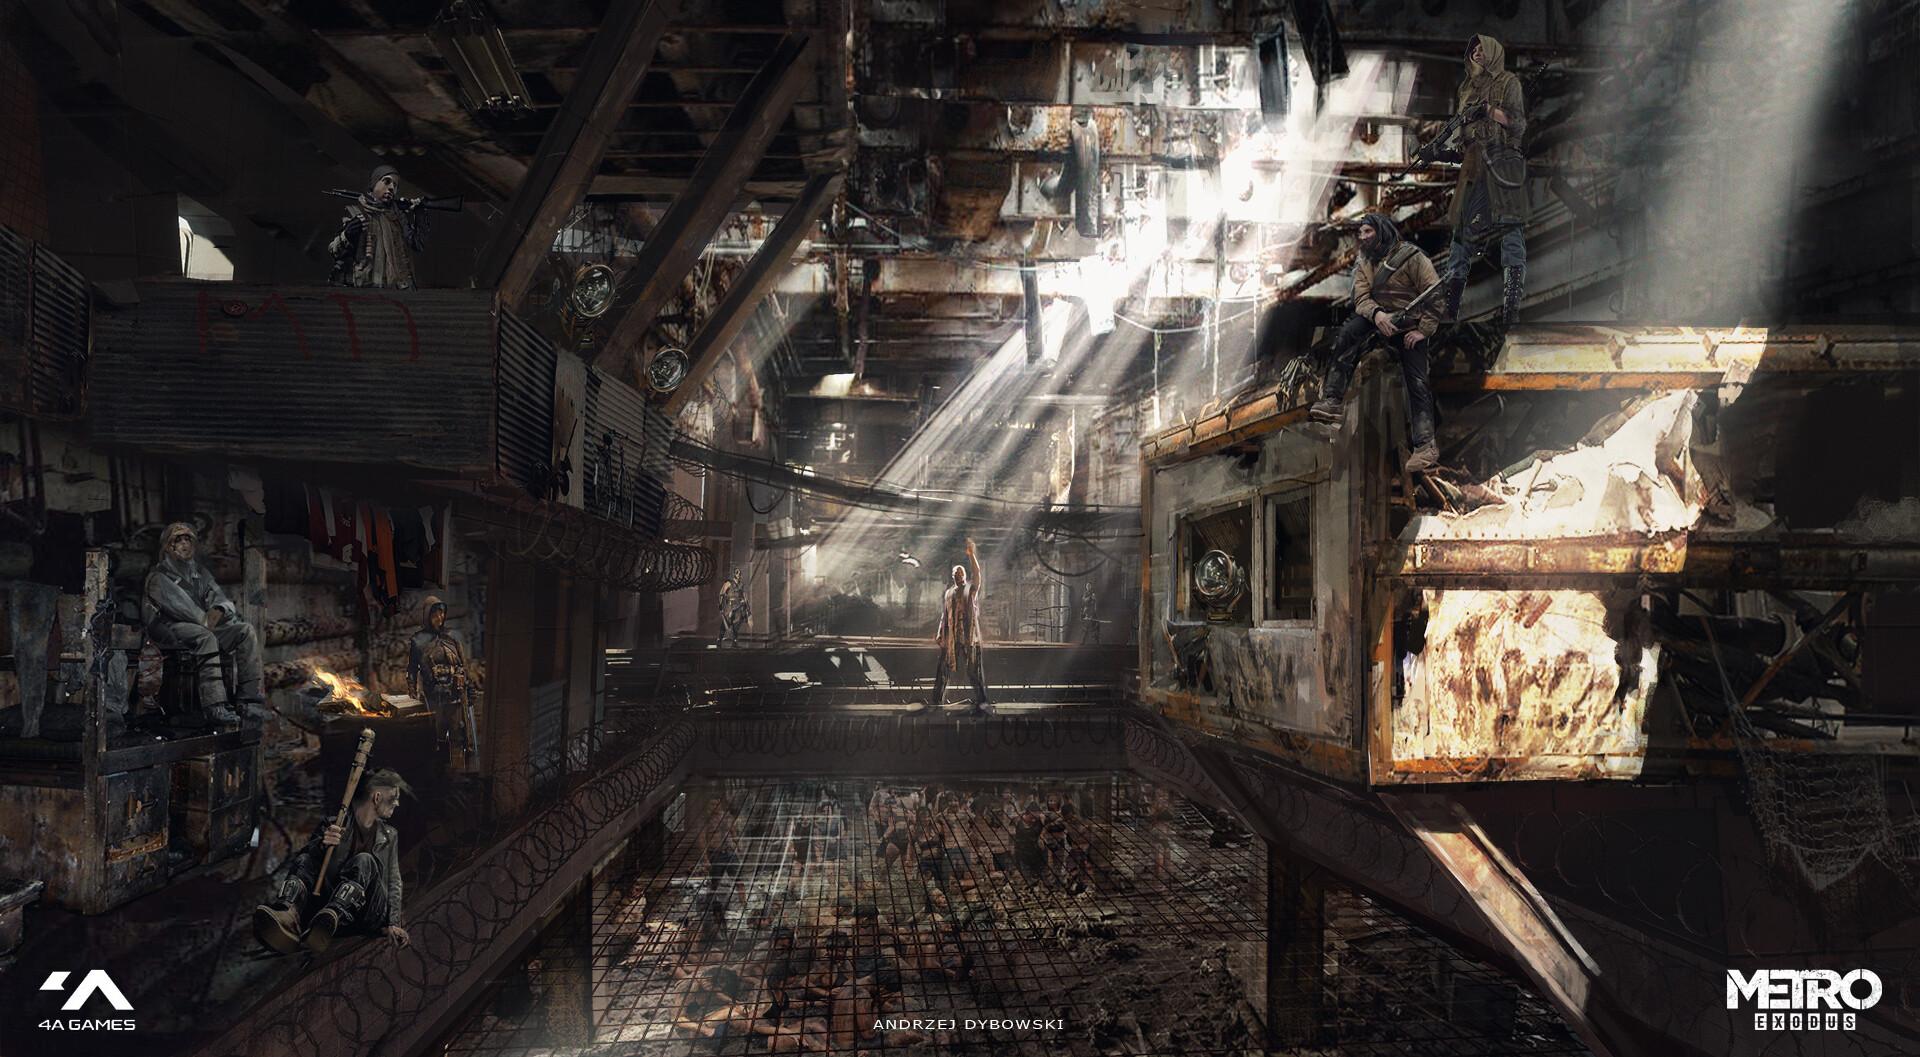 Концепт-арты Metro Exodus: от главного меню до интерьера Авроры